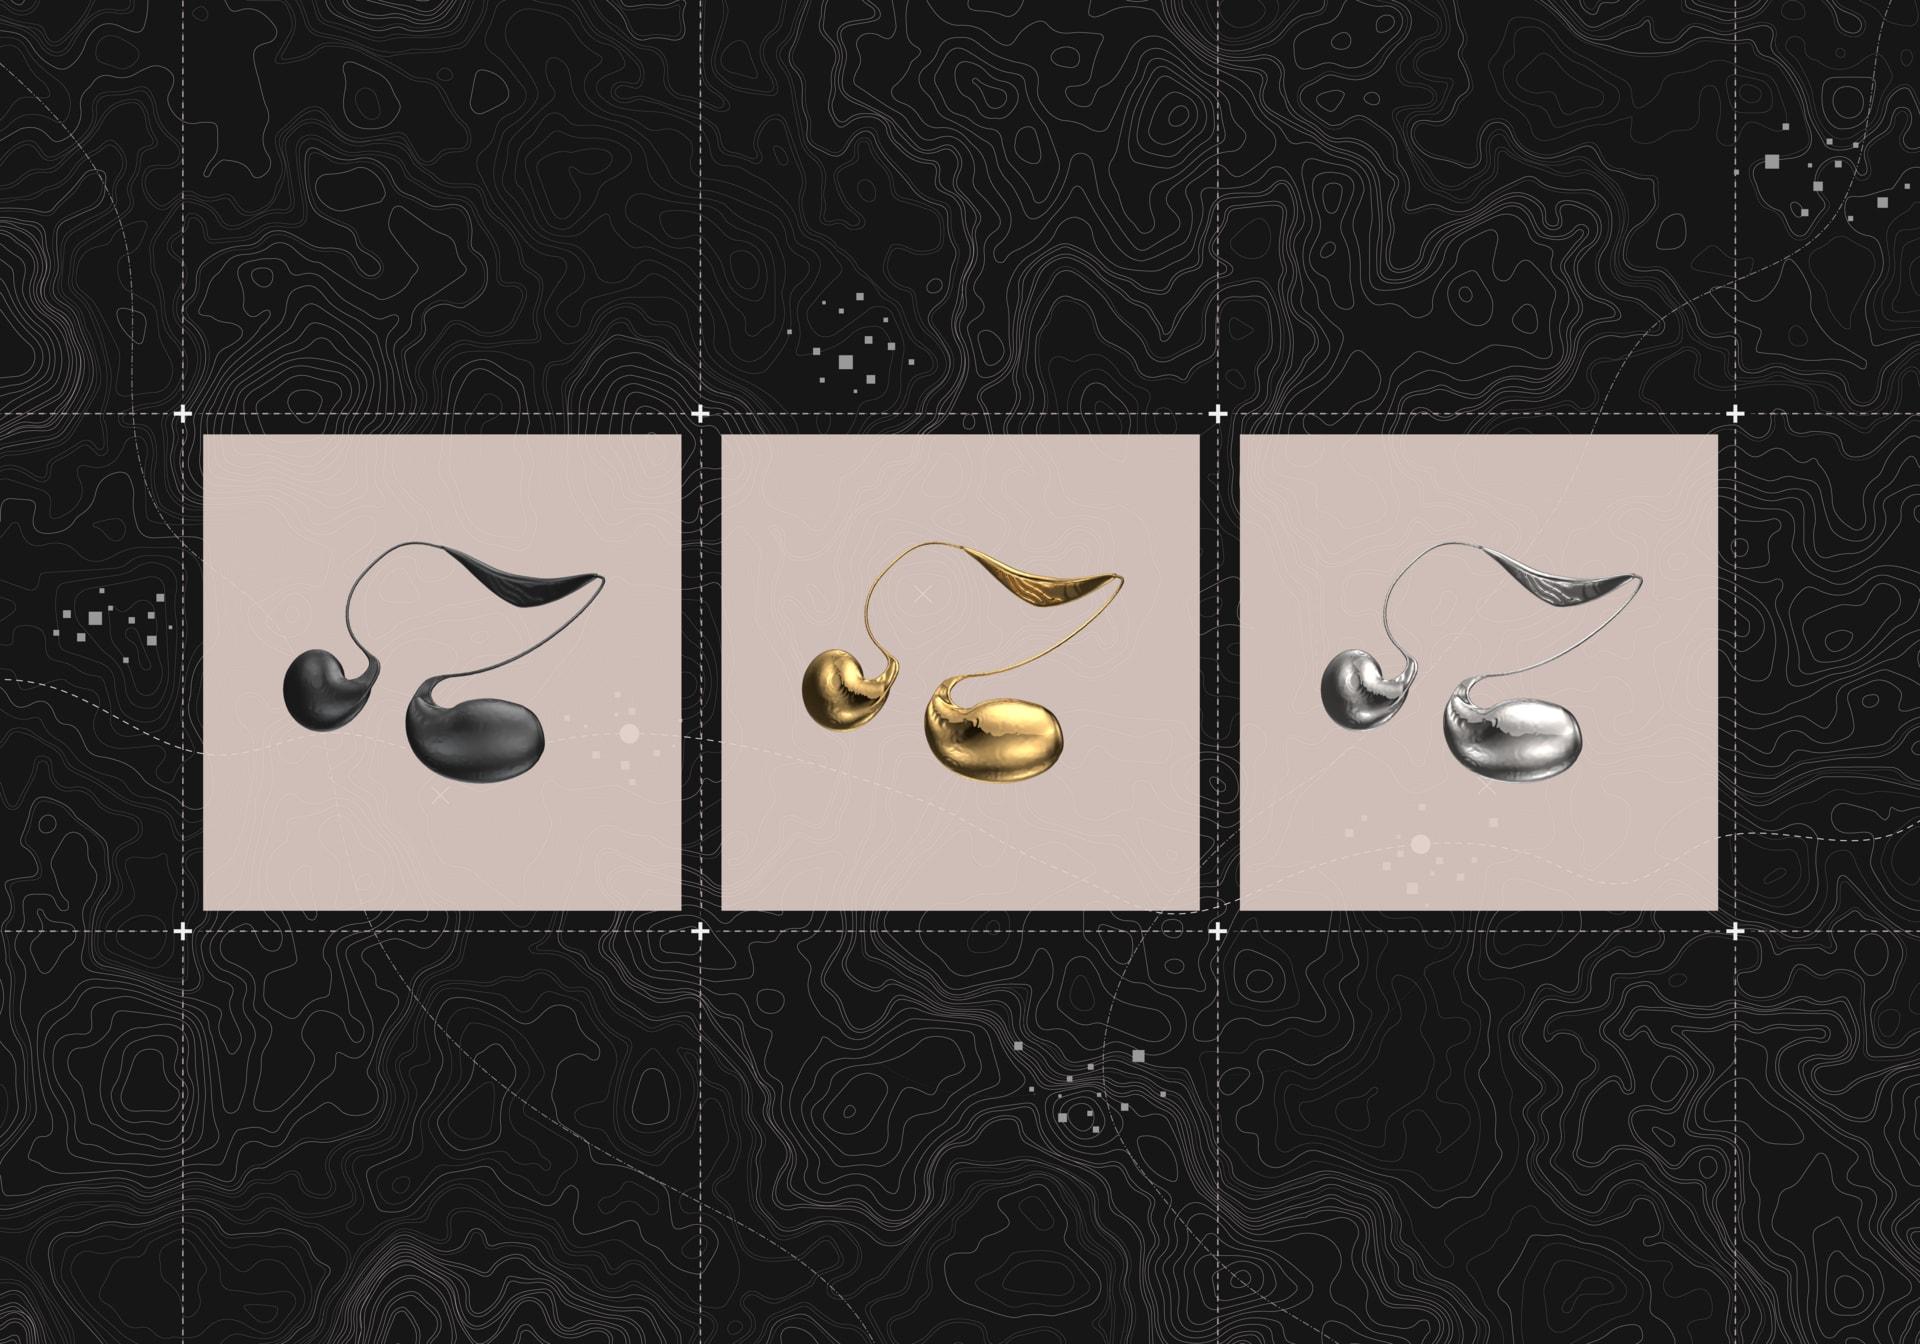 Optional Finishes of Wearable Neckpiece